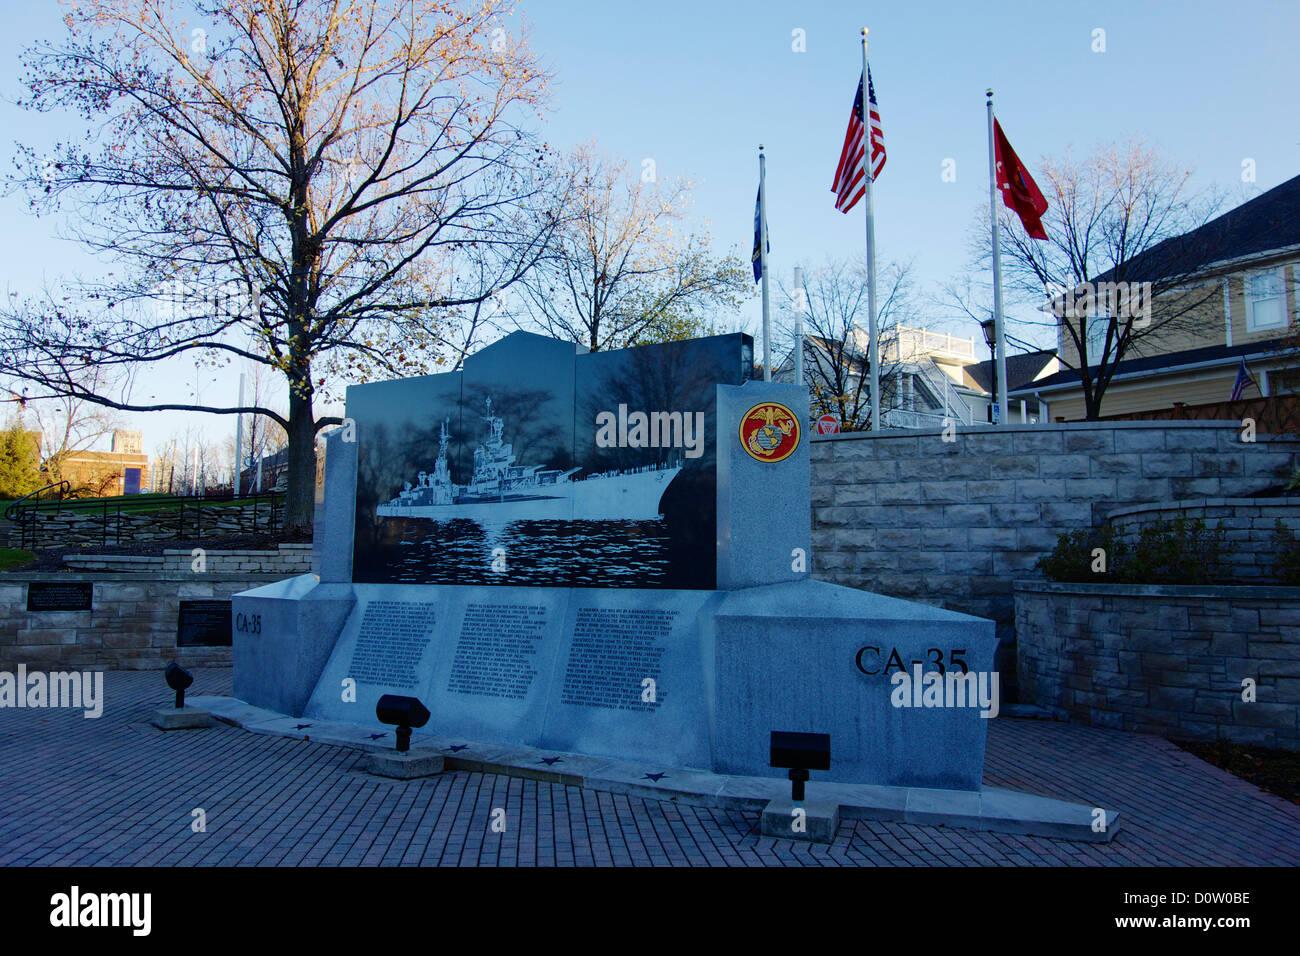 uss-indianapolis-memorial-indianapolis-i